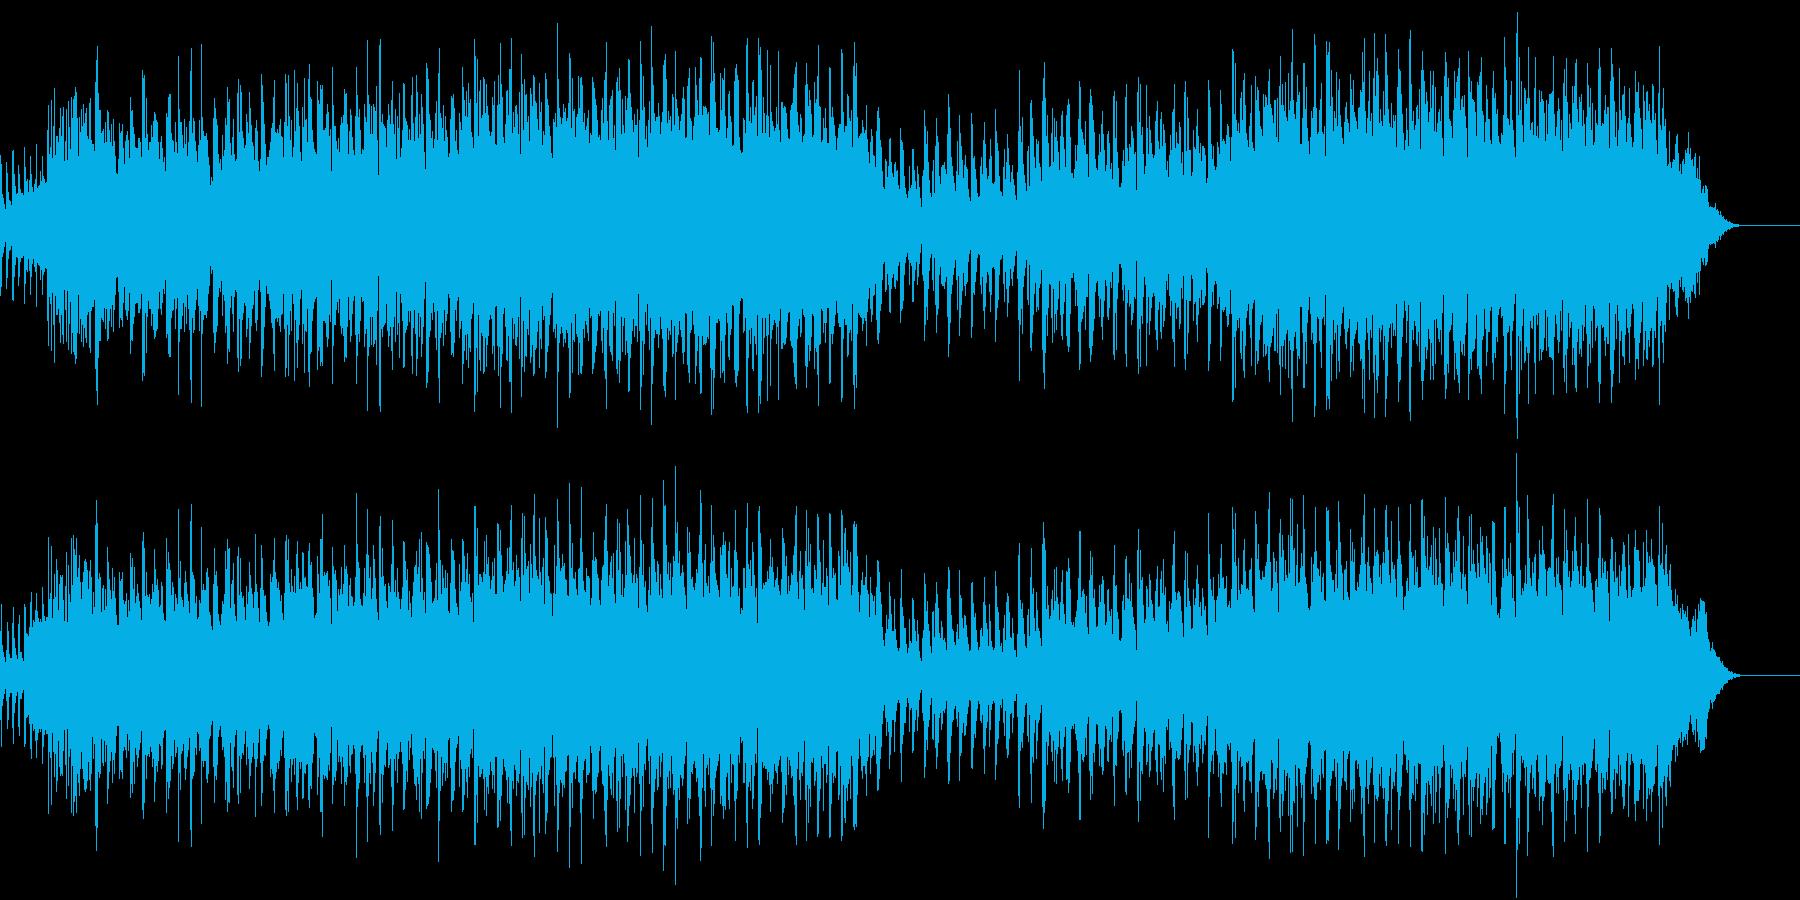 明るくダンザブルなラテンサンバサウンドの再生済みの波形